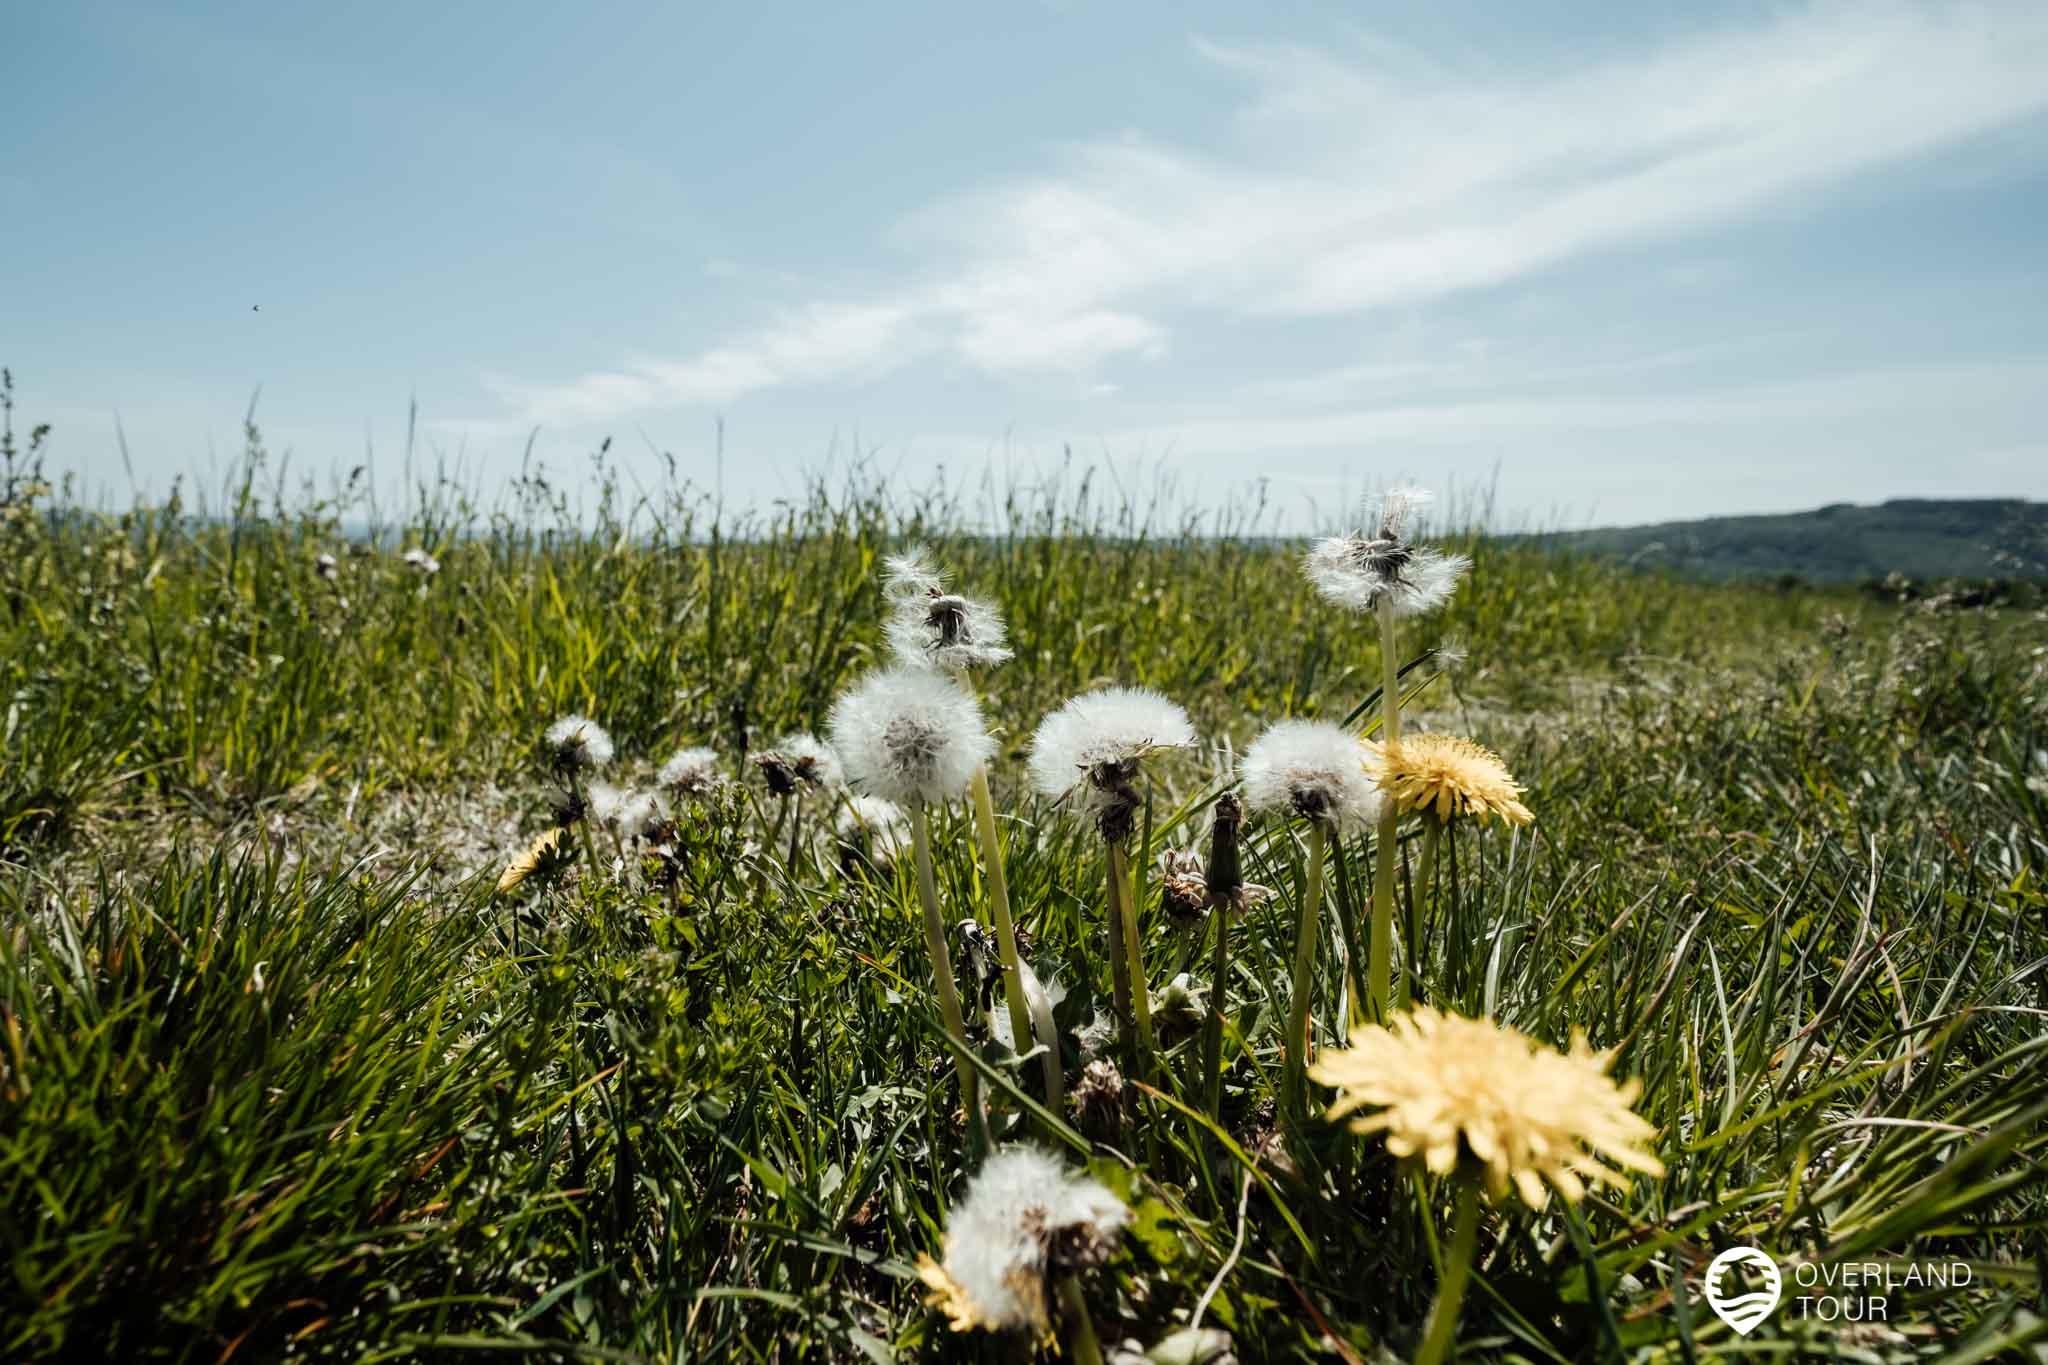 Hinter dem Aussichtspunkt Niederwald öffnet sich eine wunderbare Wiesenlandschaft